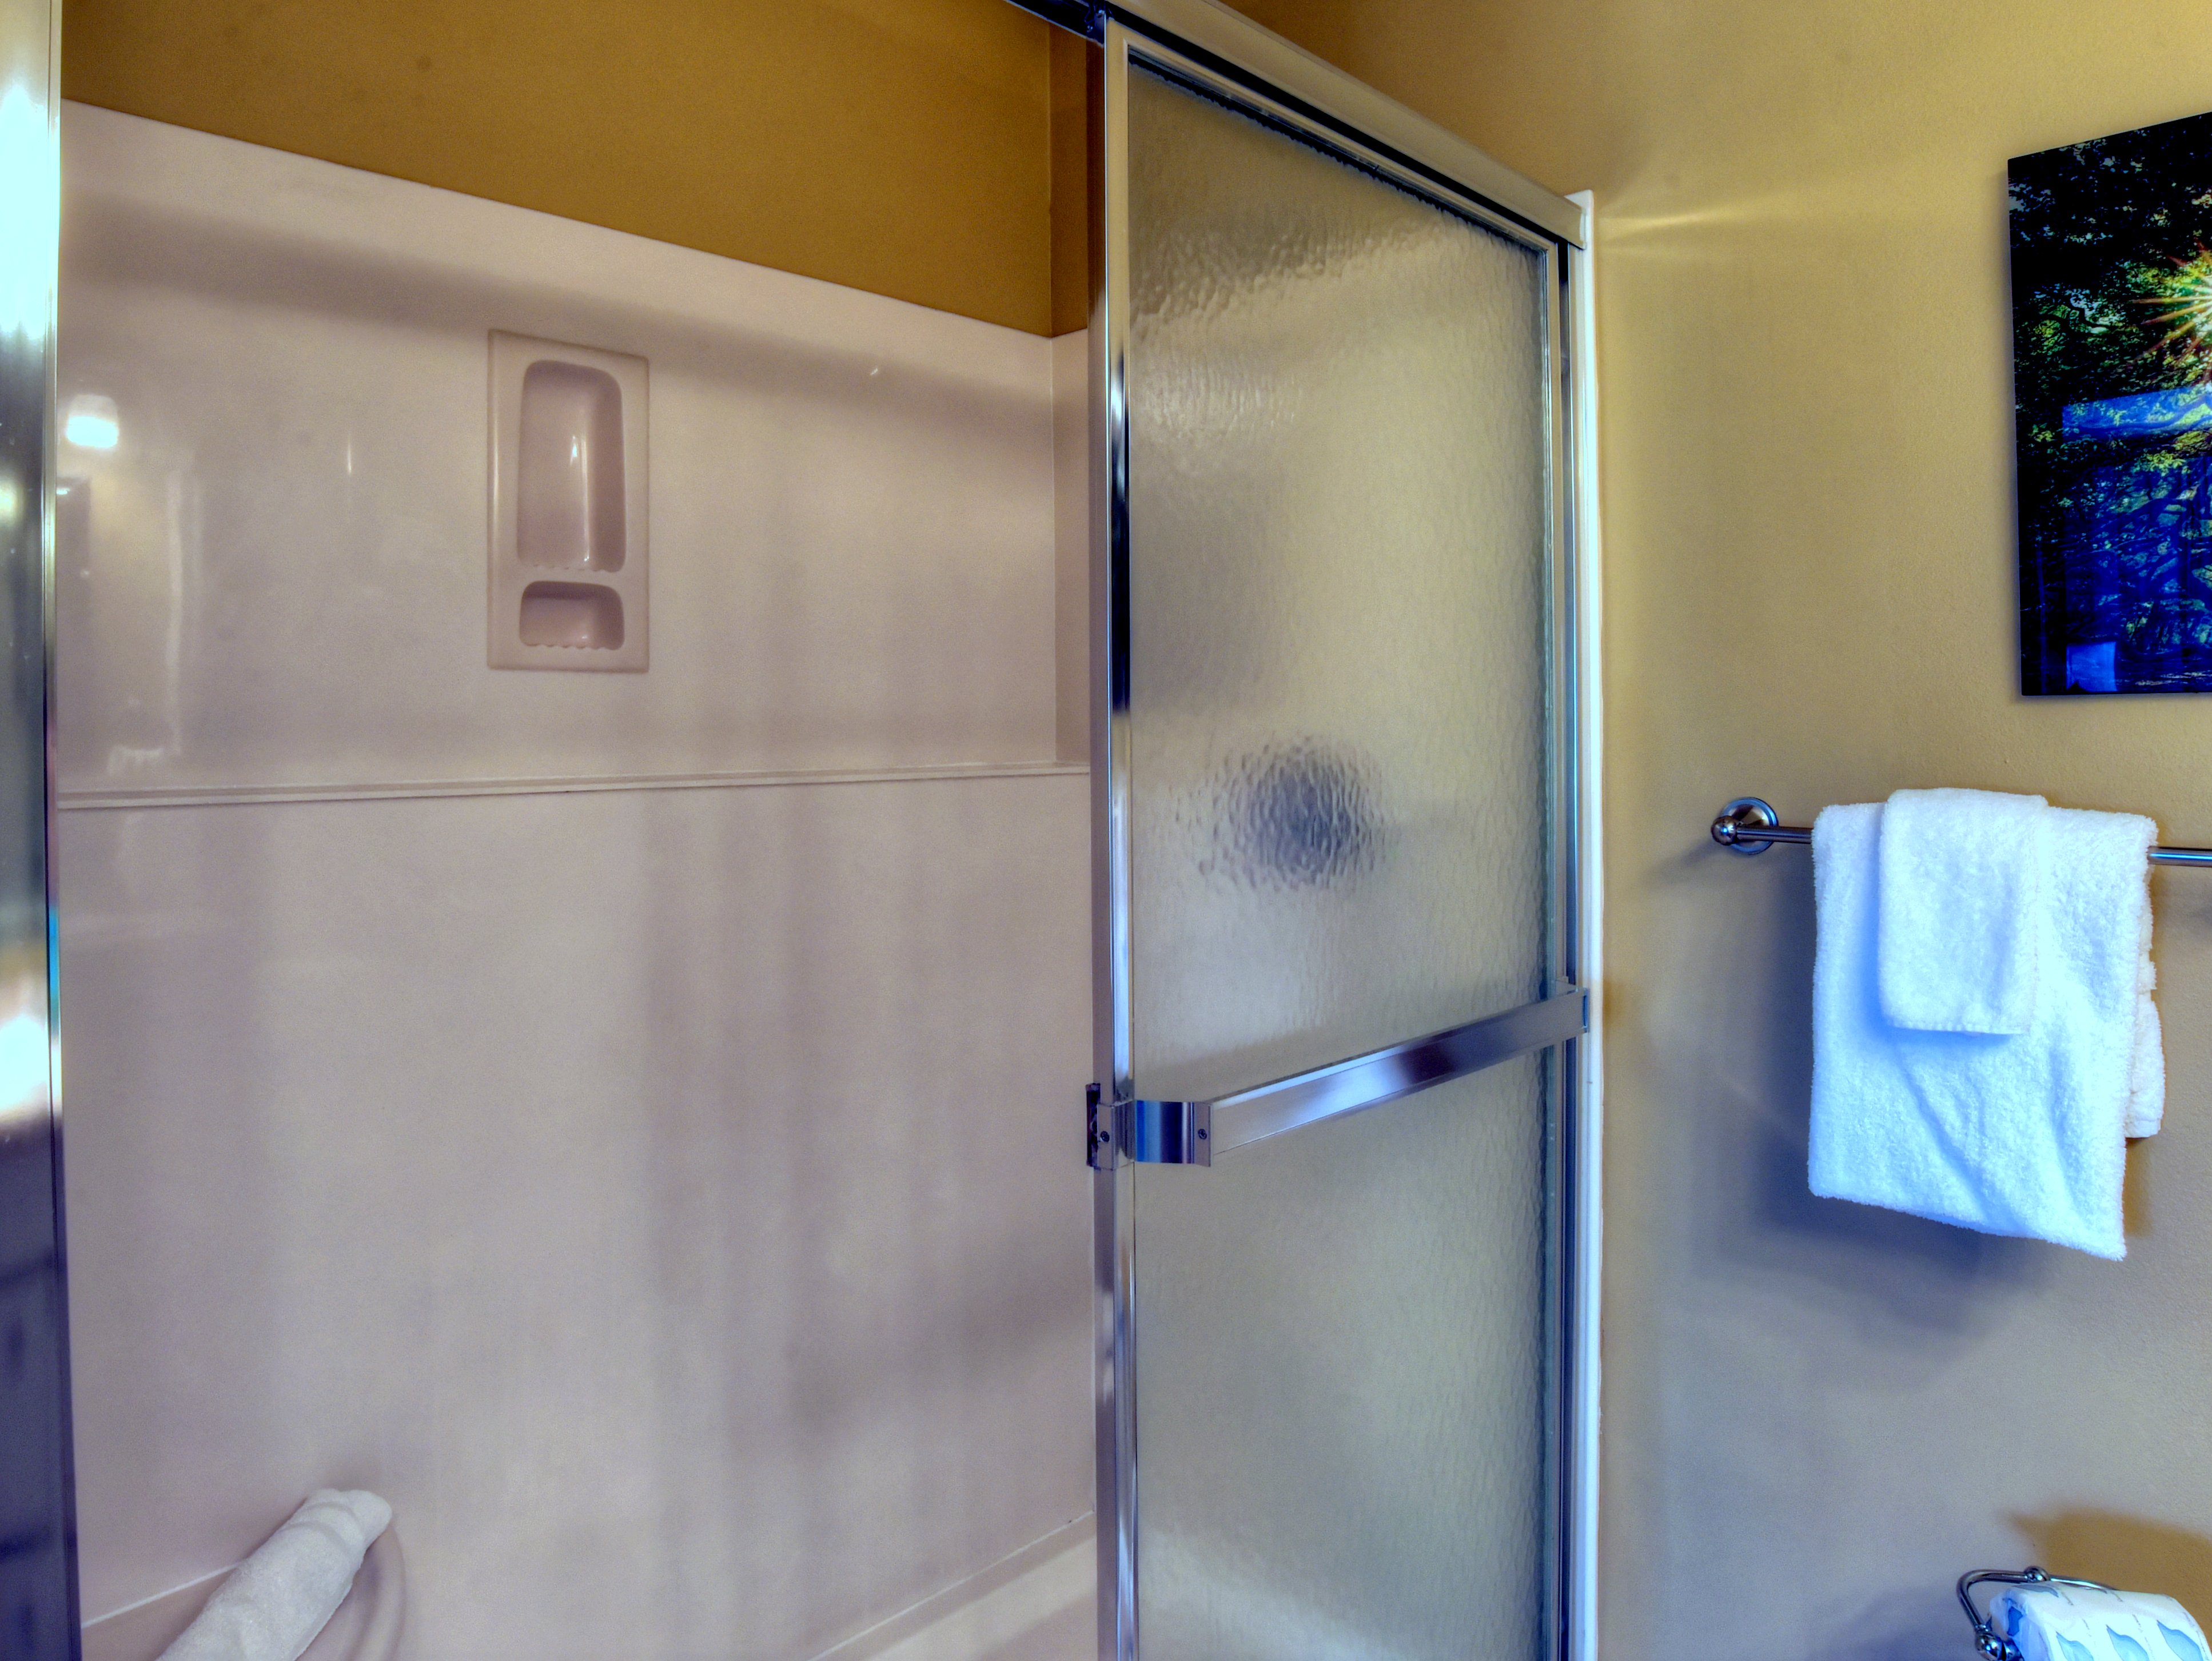 285 Fairways Condo rental in Sandestin Rentals ~ Cottages and Villas  in Destin Florida - #17